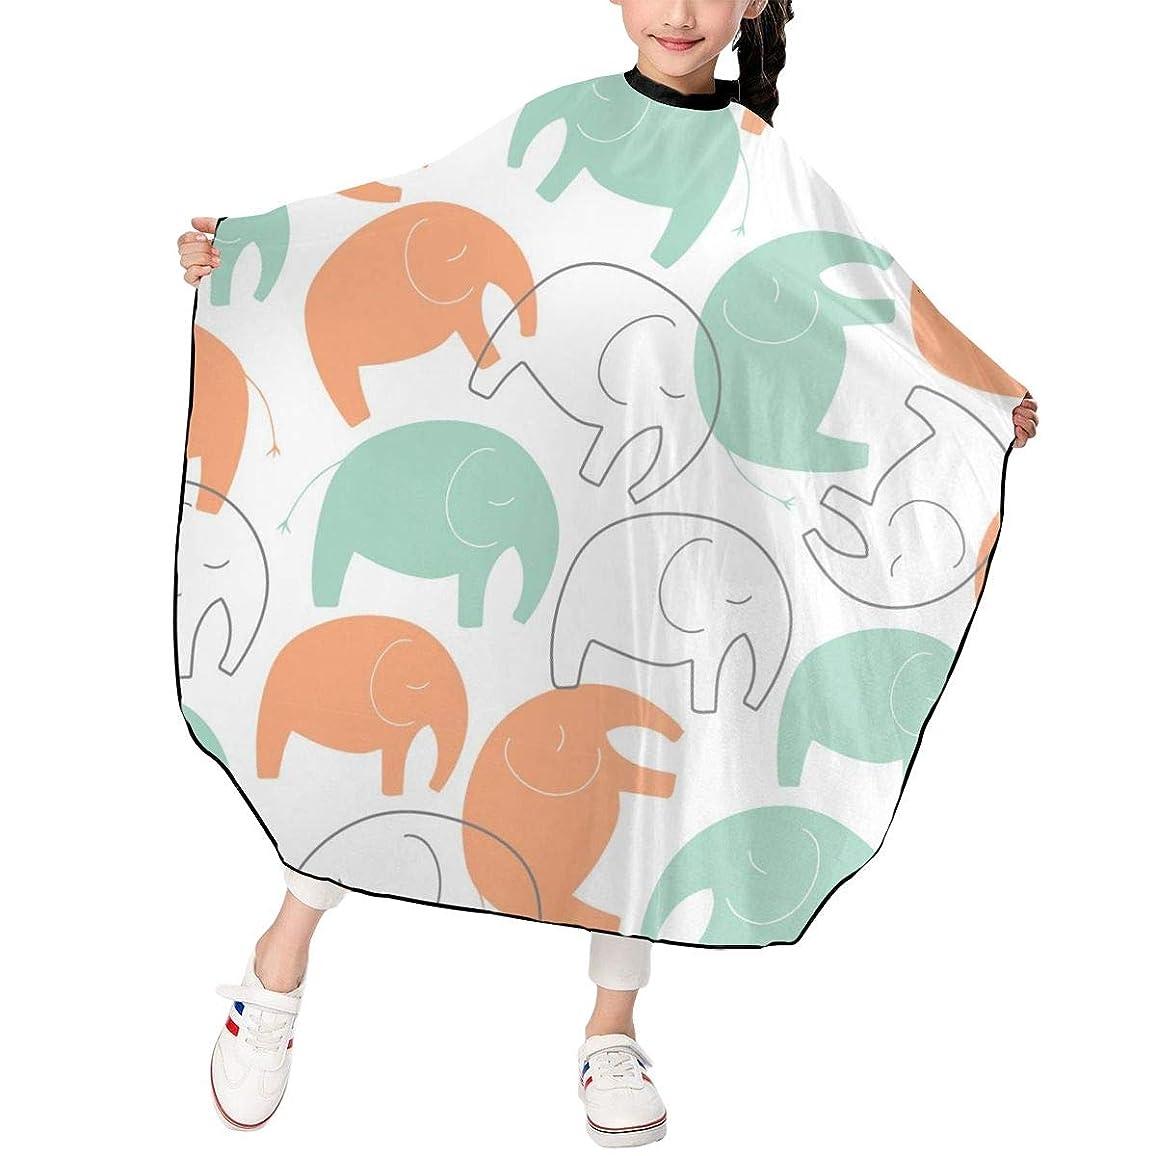 つかいます清める放射能MIKU-LF 散髪マント 散髪ケープ ファミリー理髪 折りたたみ式 ヘアカットケープ ヘアダイケープ 自宅 サロン 防水 散髪マント 幼児用 ヘアカット 子供用ヘアカットケープ 散髪ケープ ゾウ 象